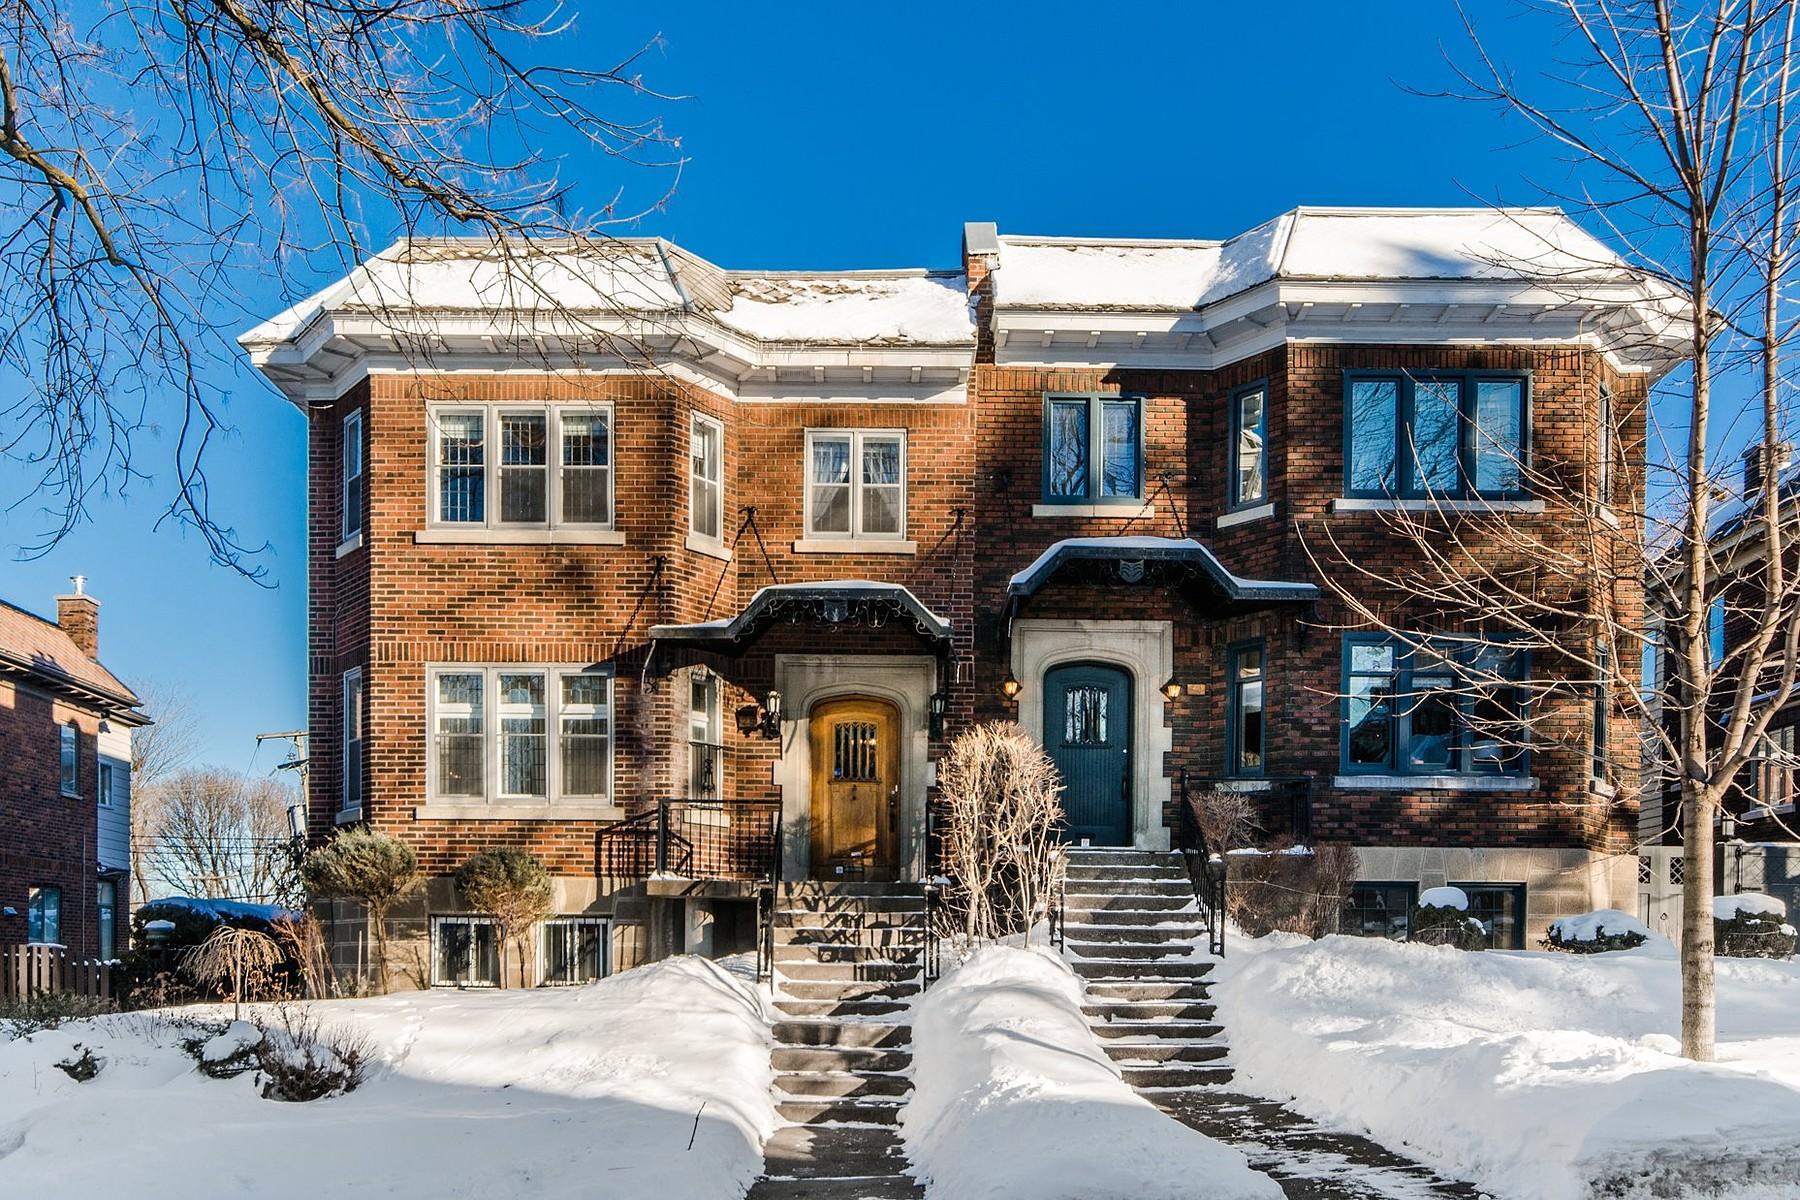 其它住宅 为 销售 在 Outremont (Montréal), Montréal 25 Av. Springgrove 乌特蒙, 魁北克省 H2V3J1 加拿大